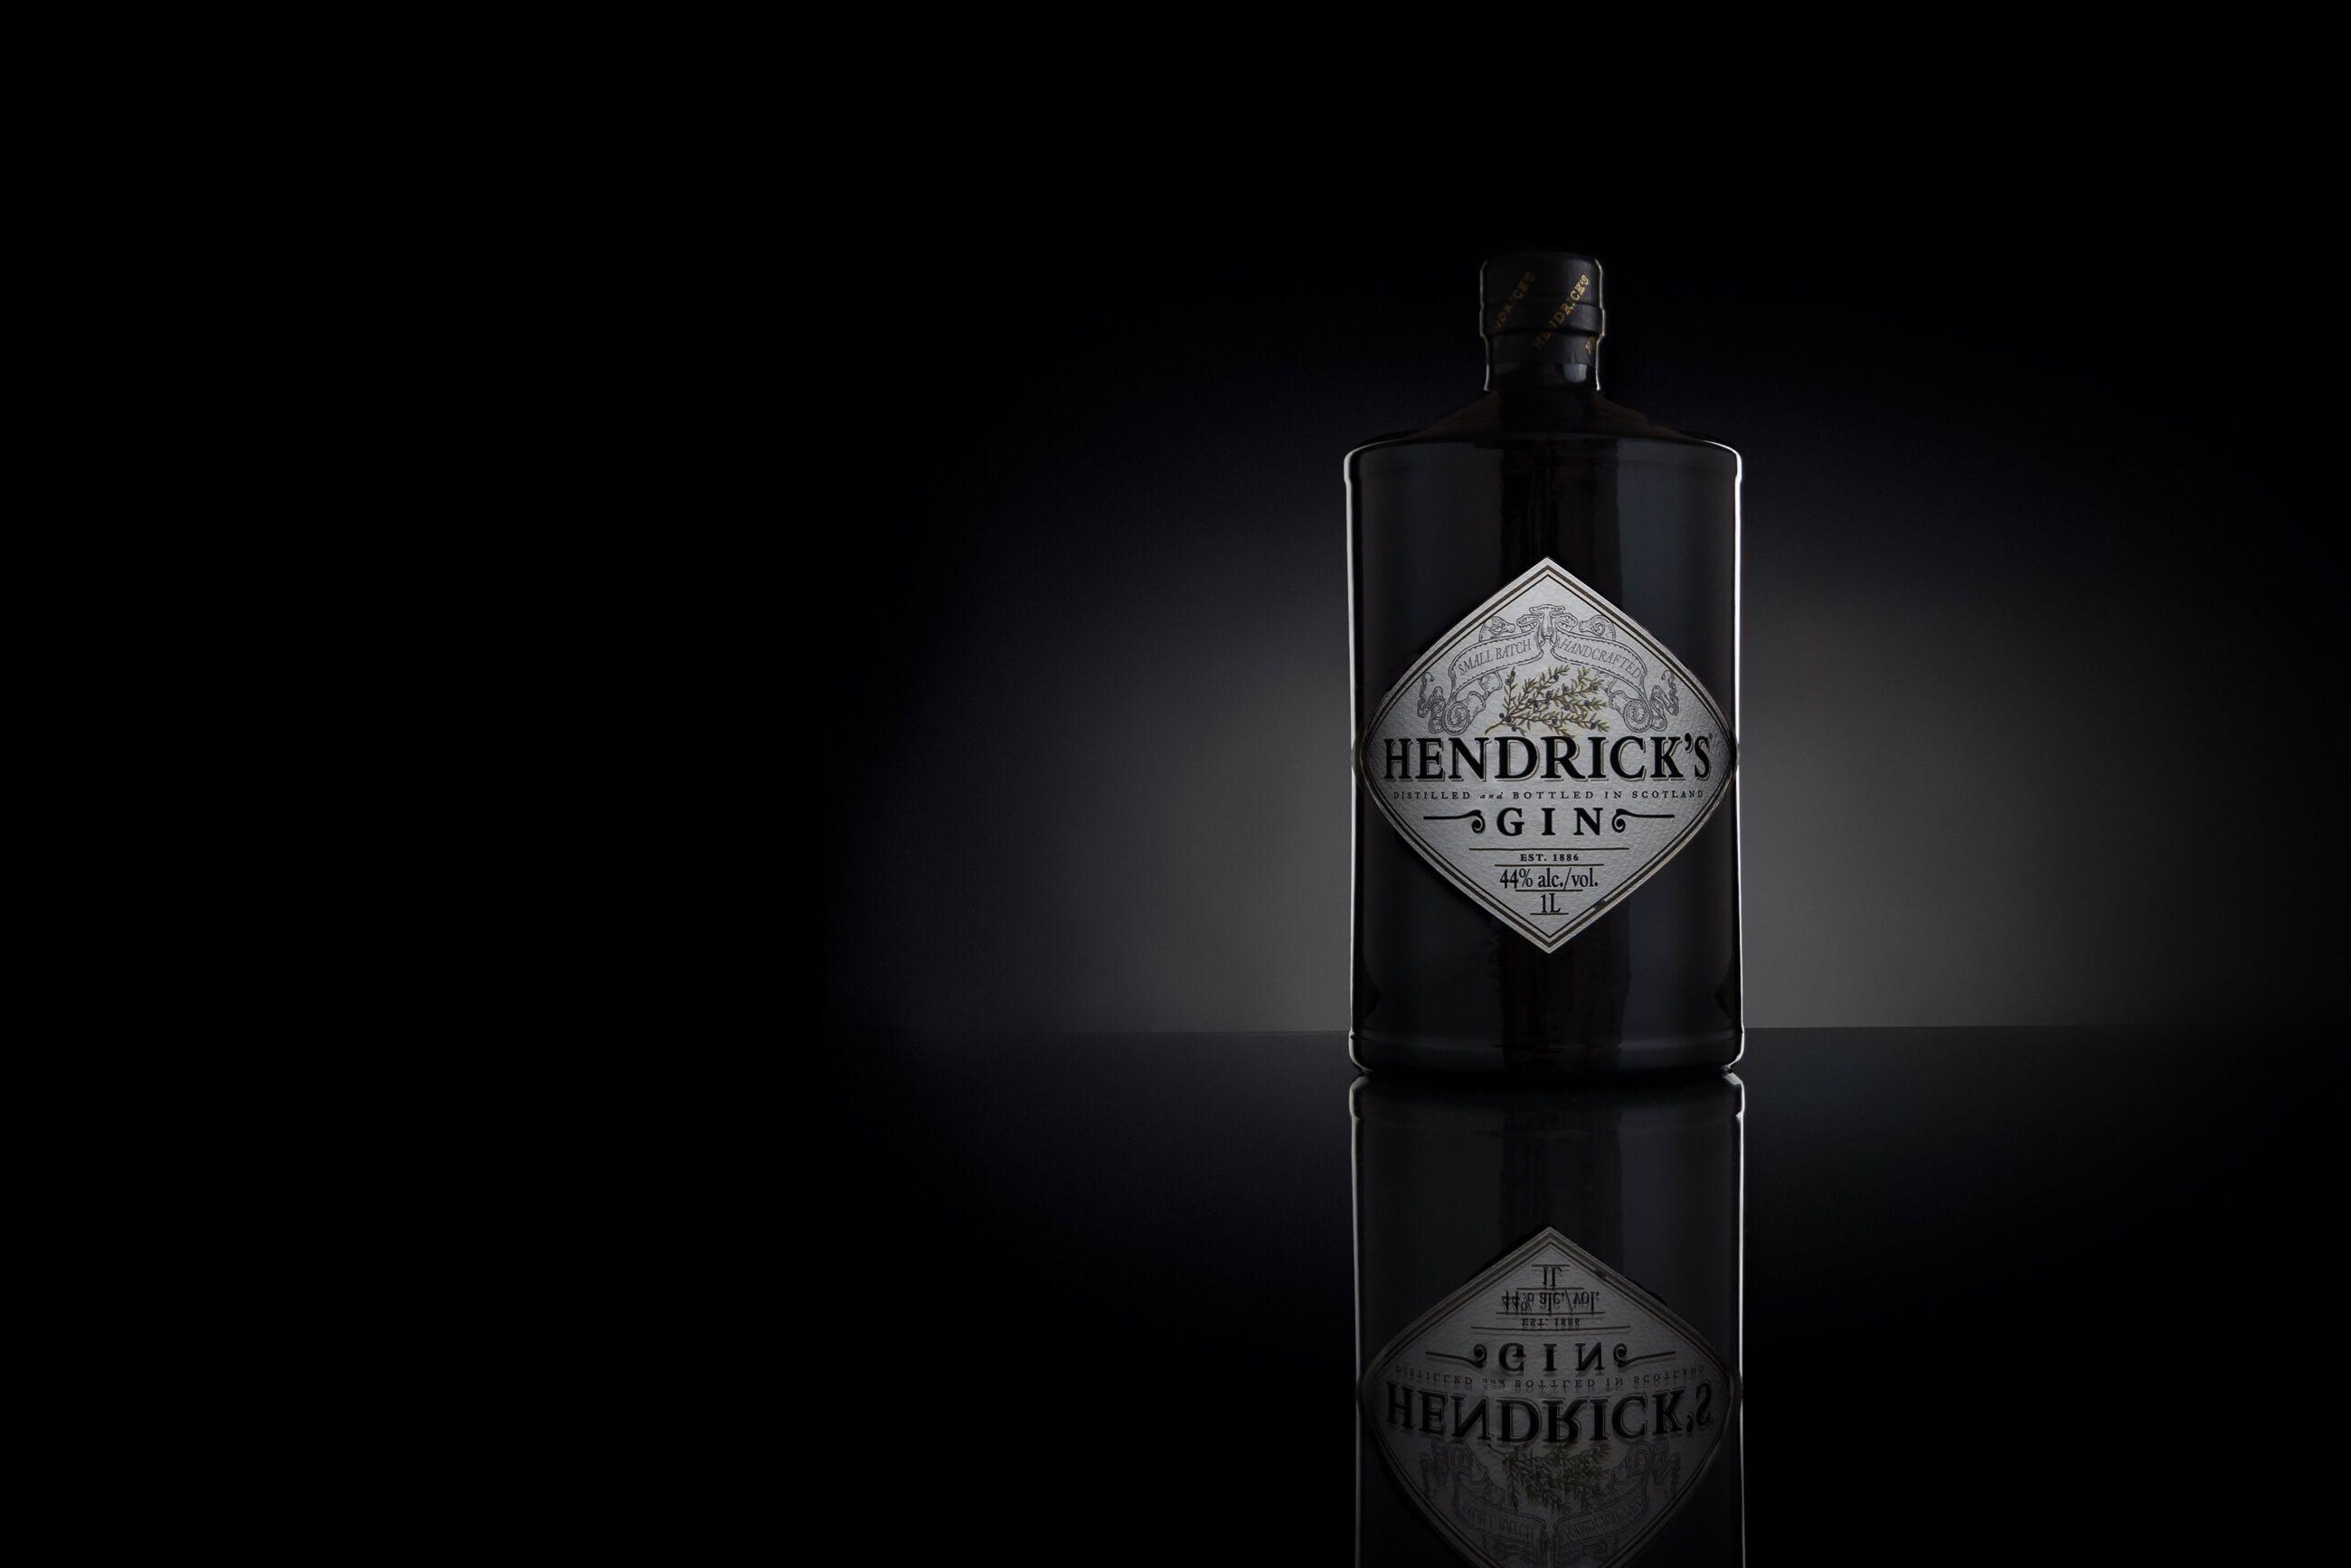 Zdjęcie reklamowe ginu marki Hendricks na czarnym tle